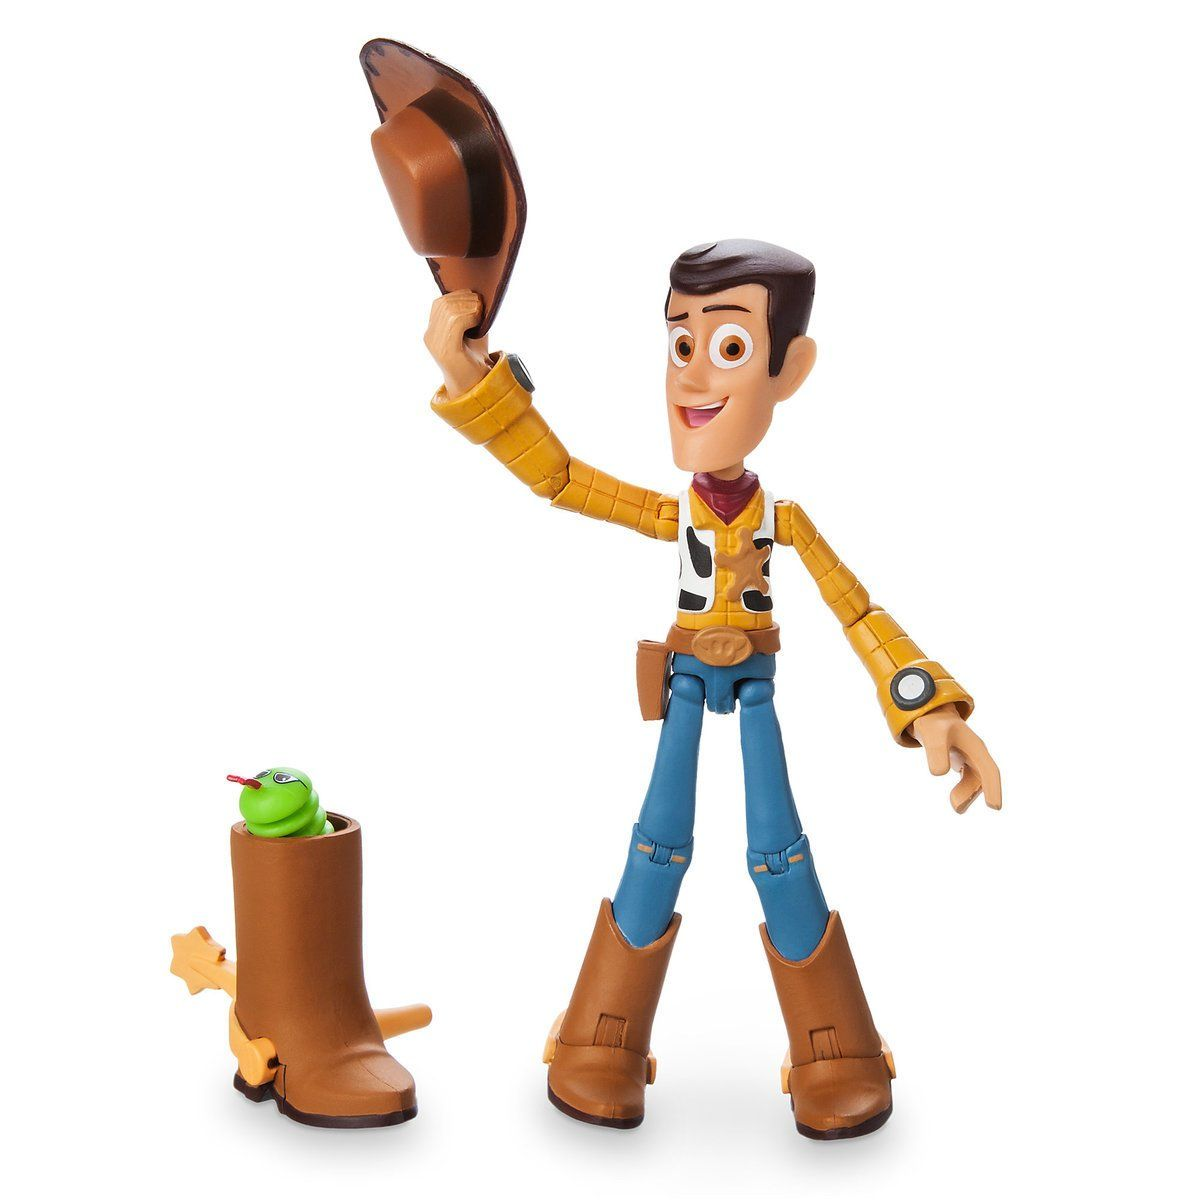 Boneco Woody: Pixar ToyBox - Disney